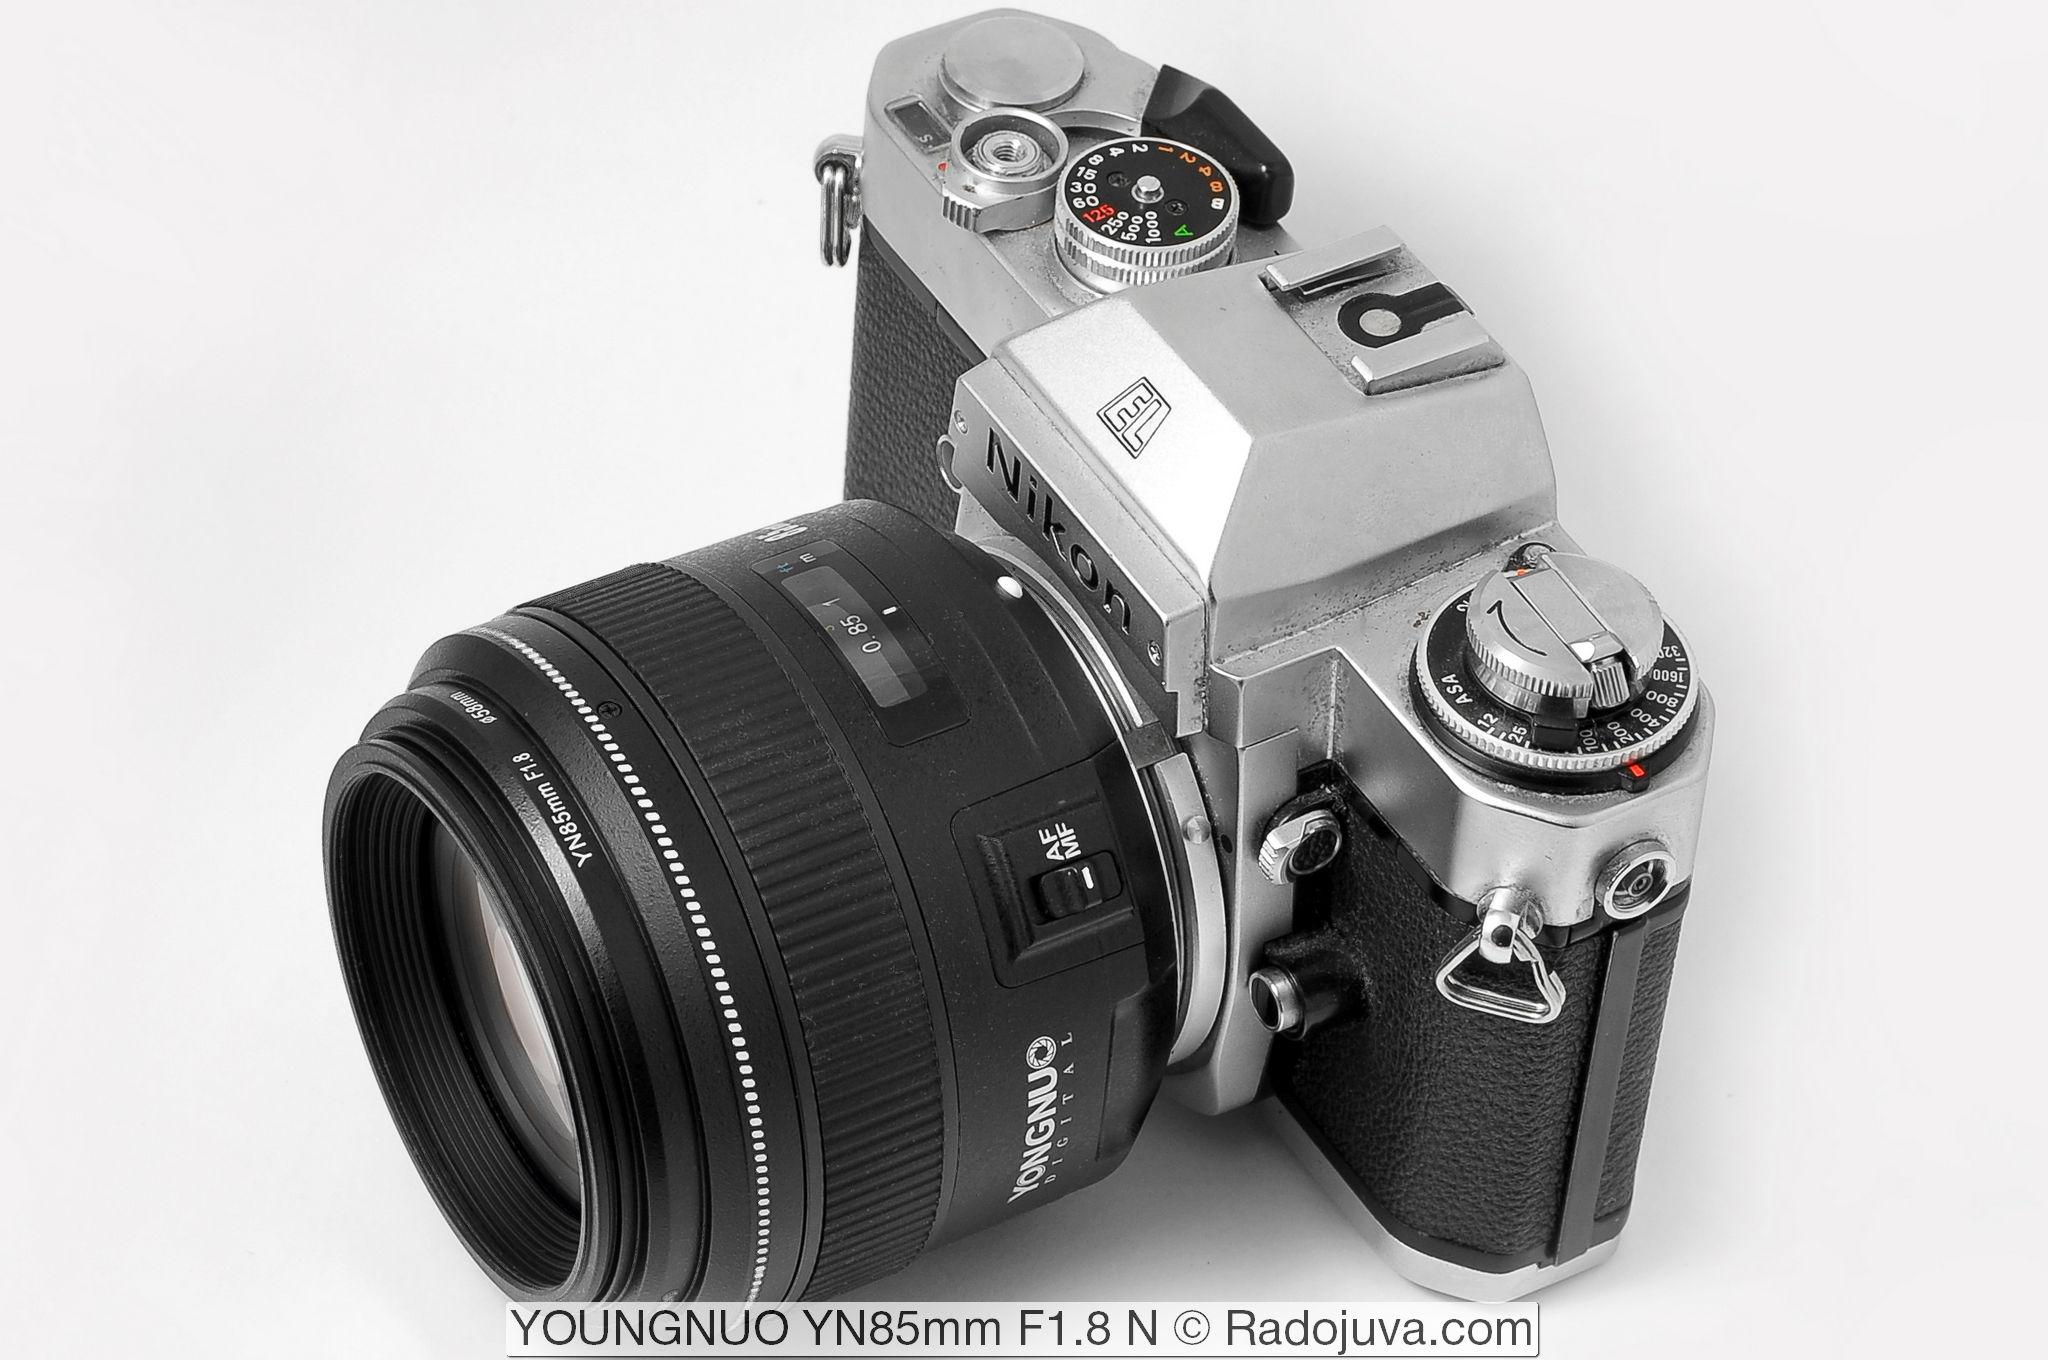 Yongnuo YN 85mm F1.8 N. Объектив показан на пленочной зеркальной камере Nikon EL2.